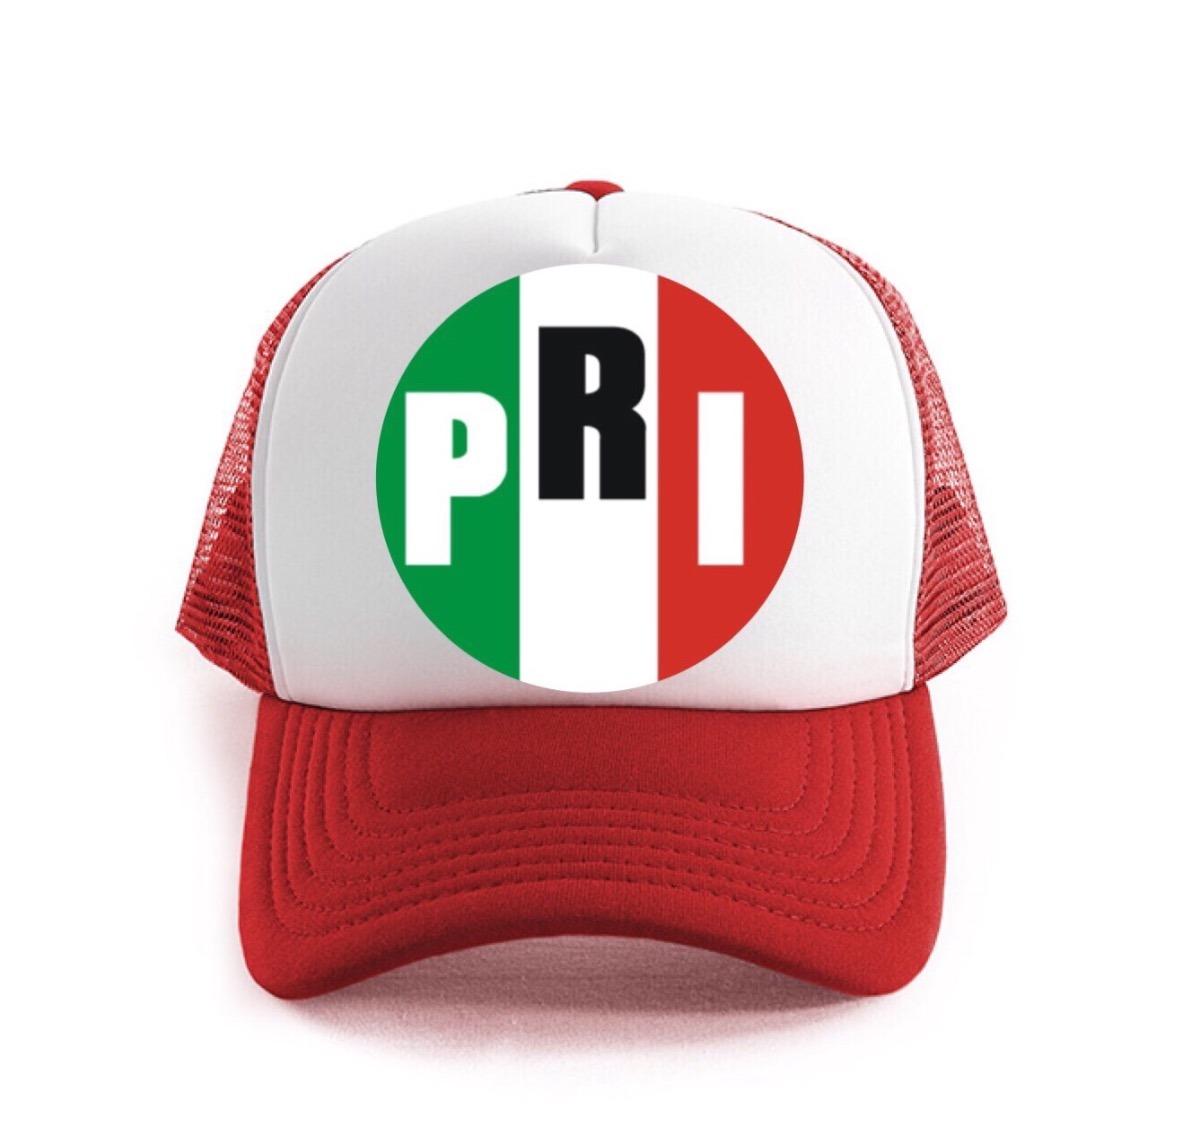 9c25b35707a98 Playeras Y Gorras Para Campañas Politicas -   20.00 en Mercado Libre